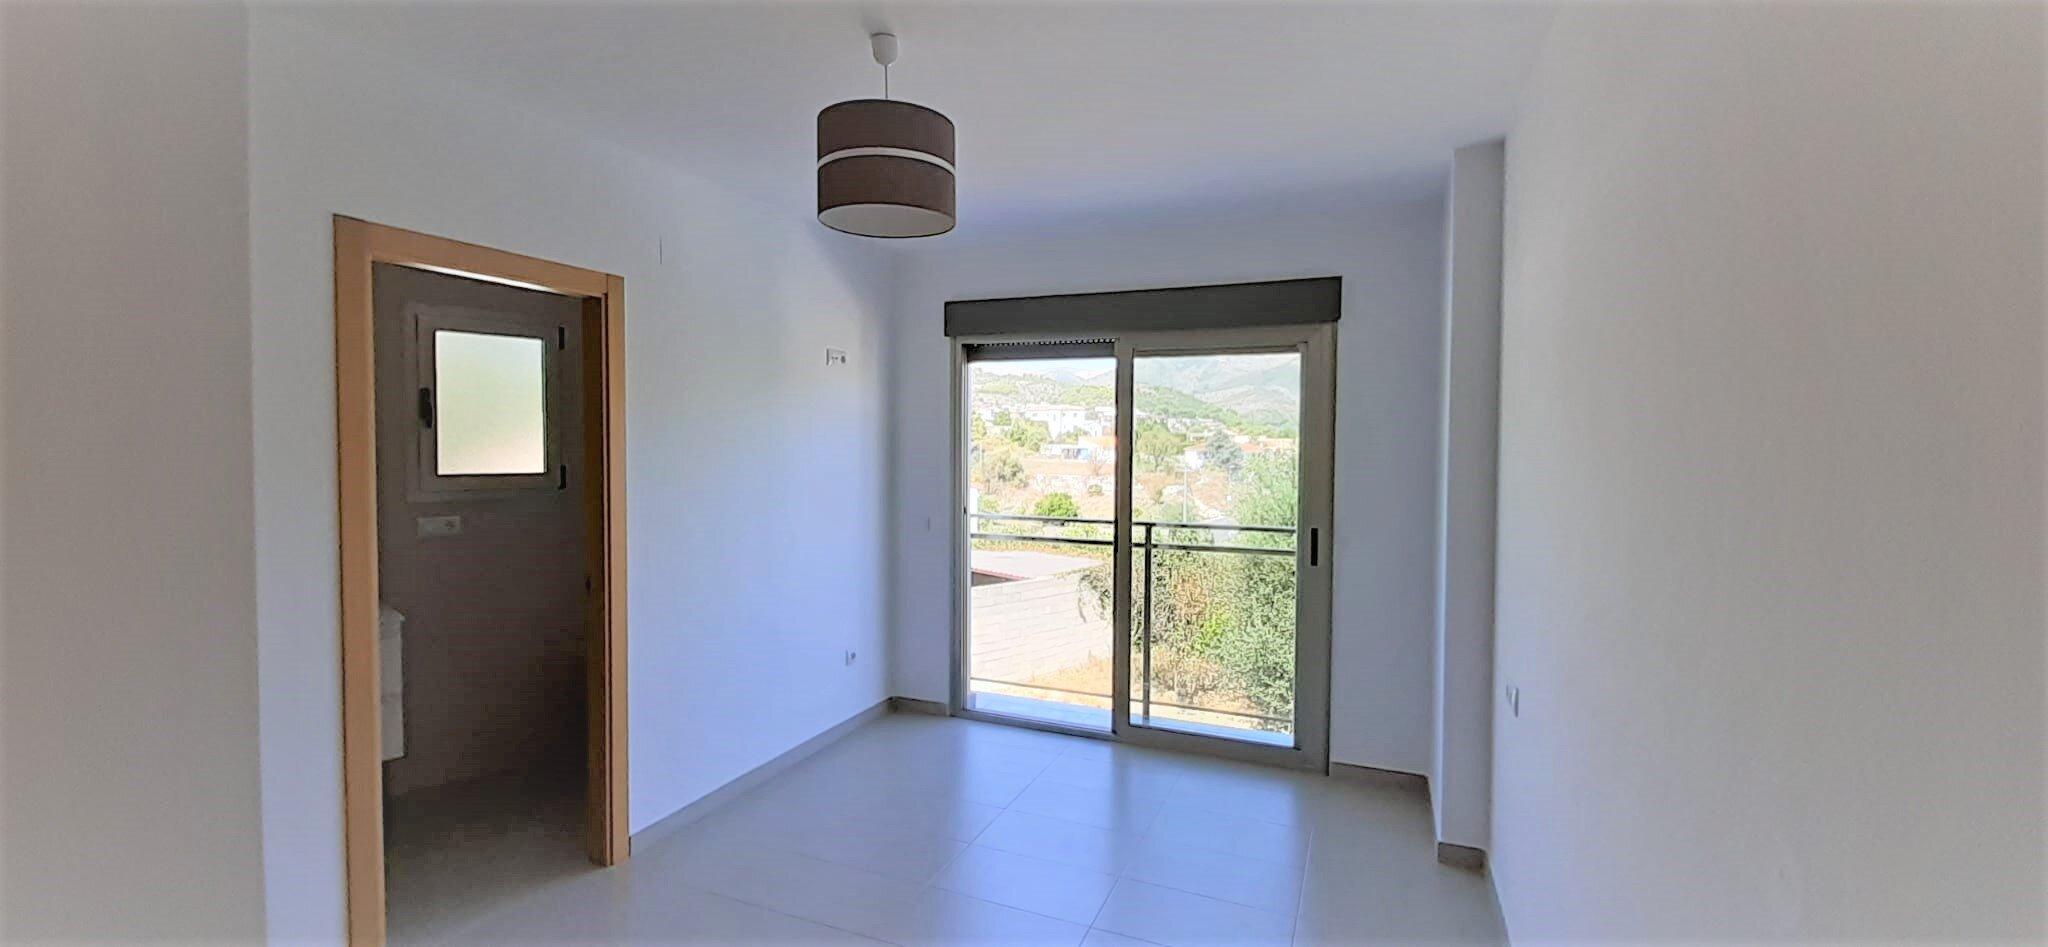 Photogallery - 7 - Olea-Home | Real Estate en Orba y Teulada-Moraira |